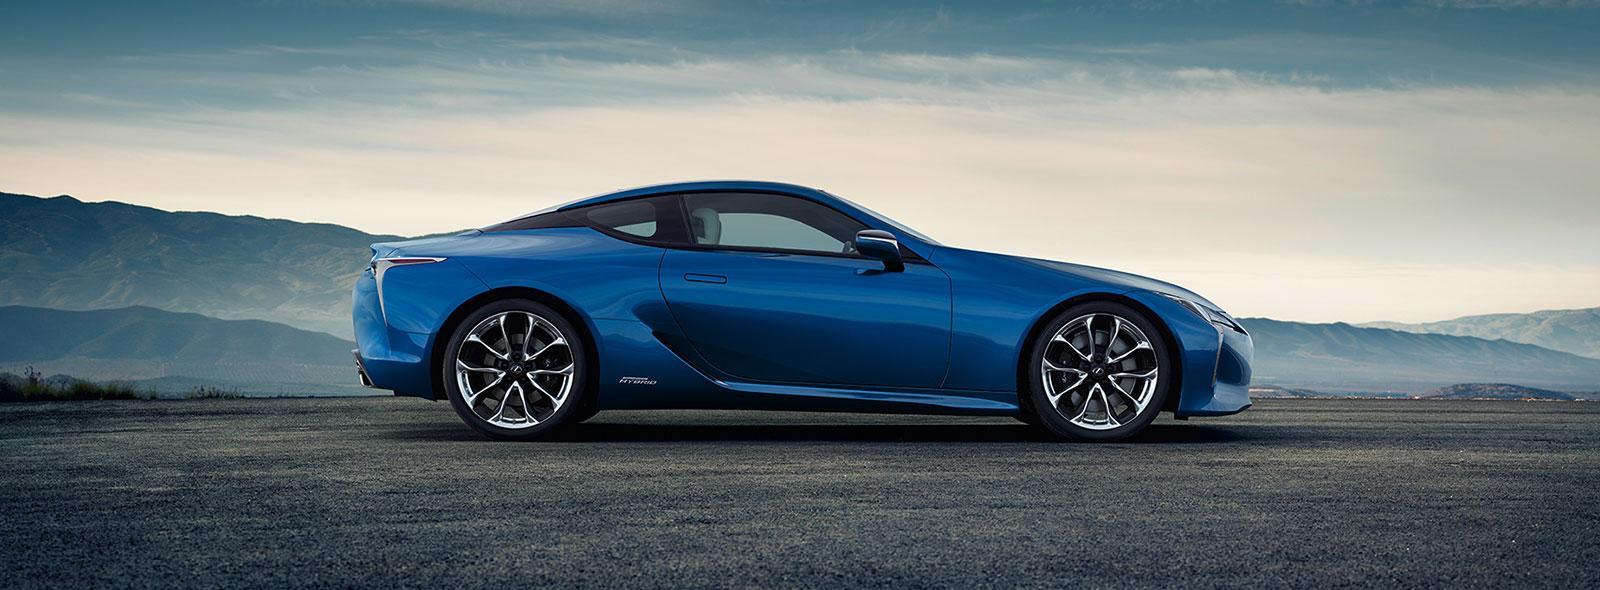 2017 Lexus LC Design Gallery 007